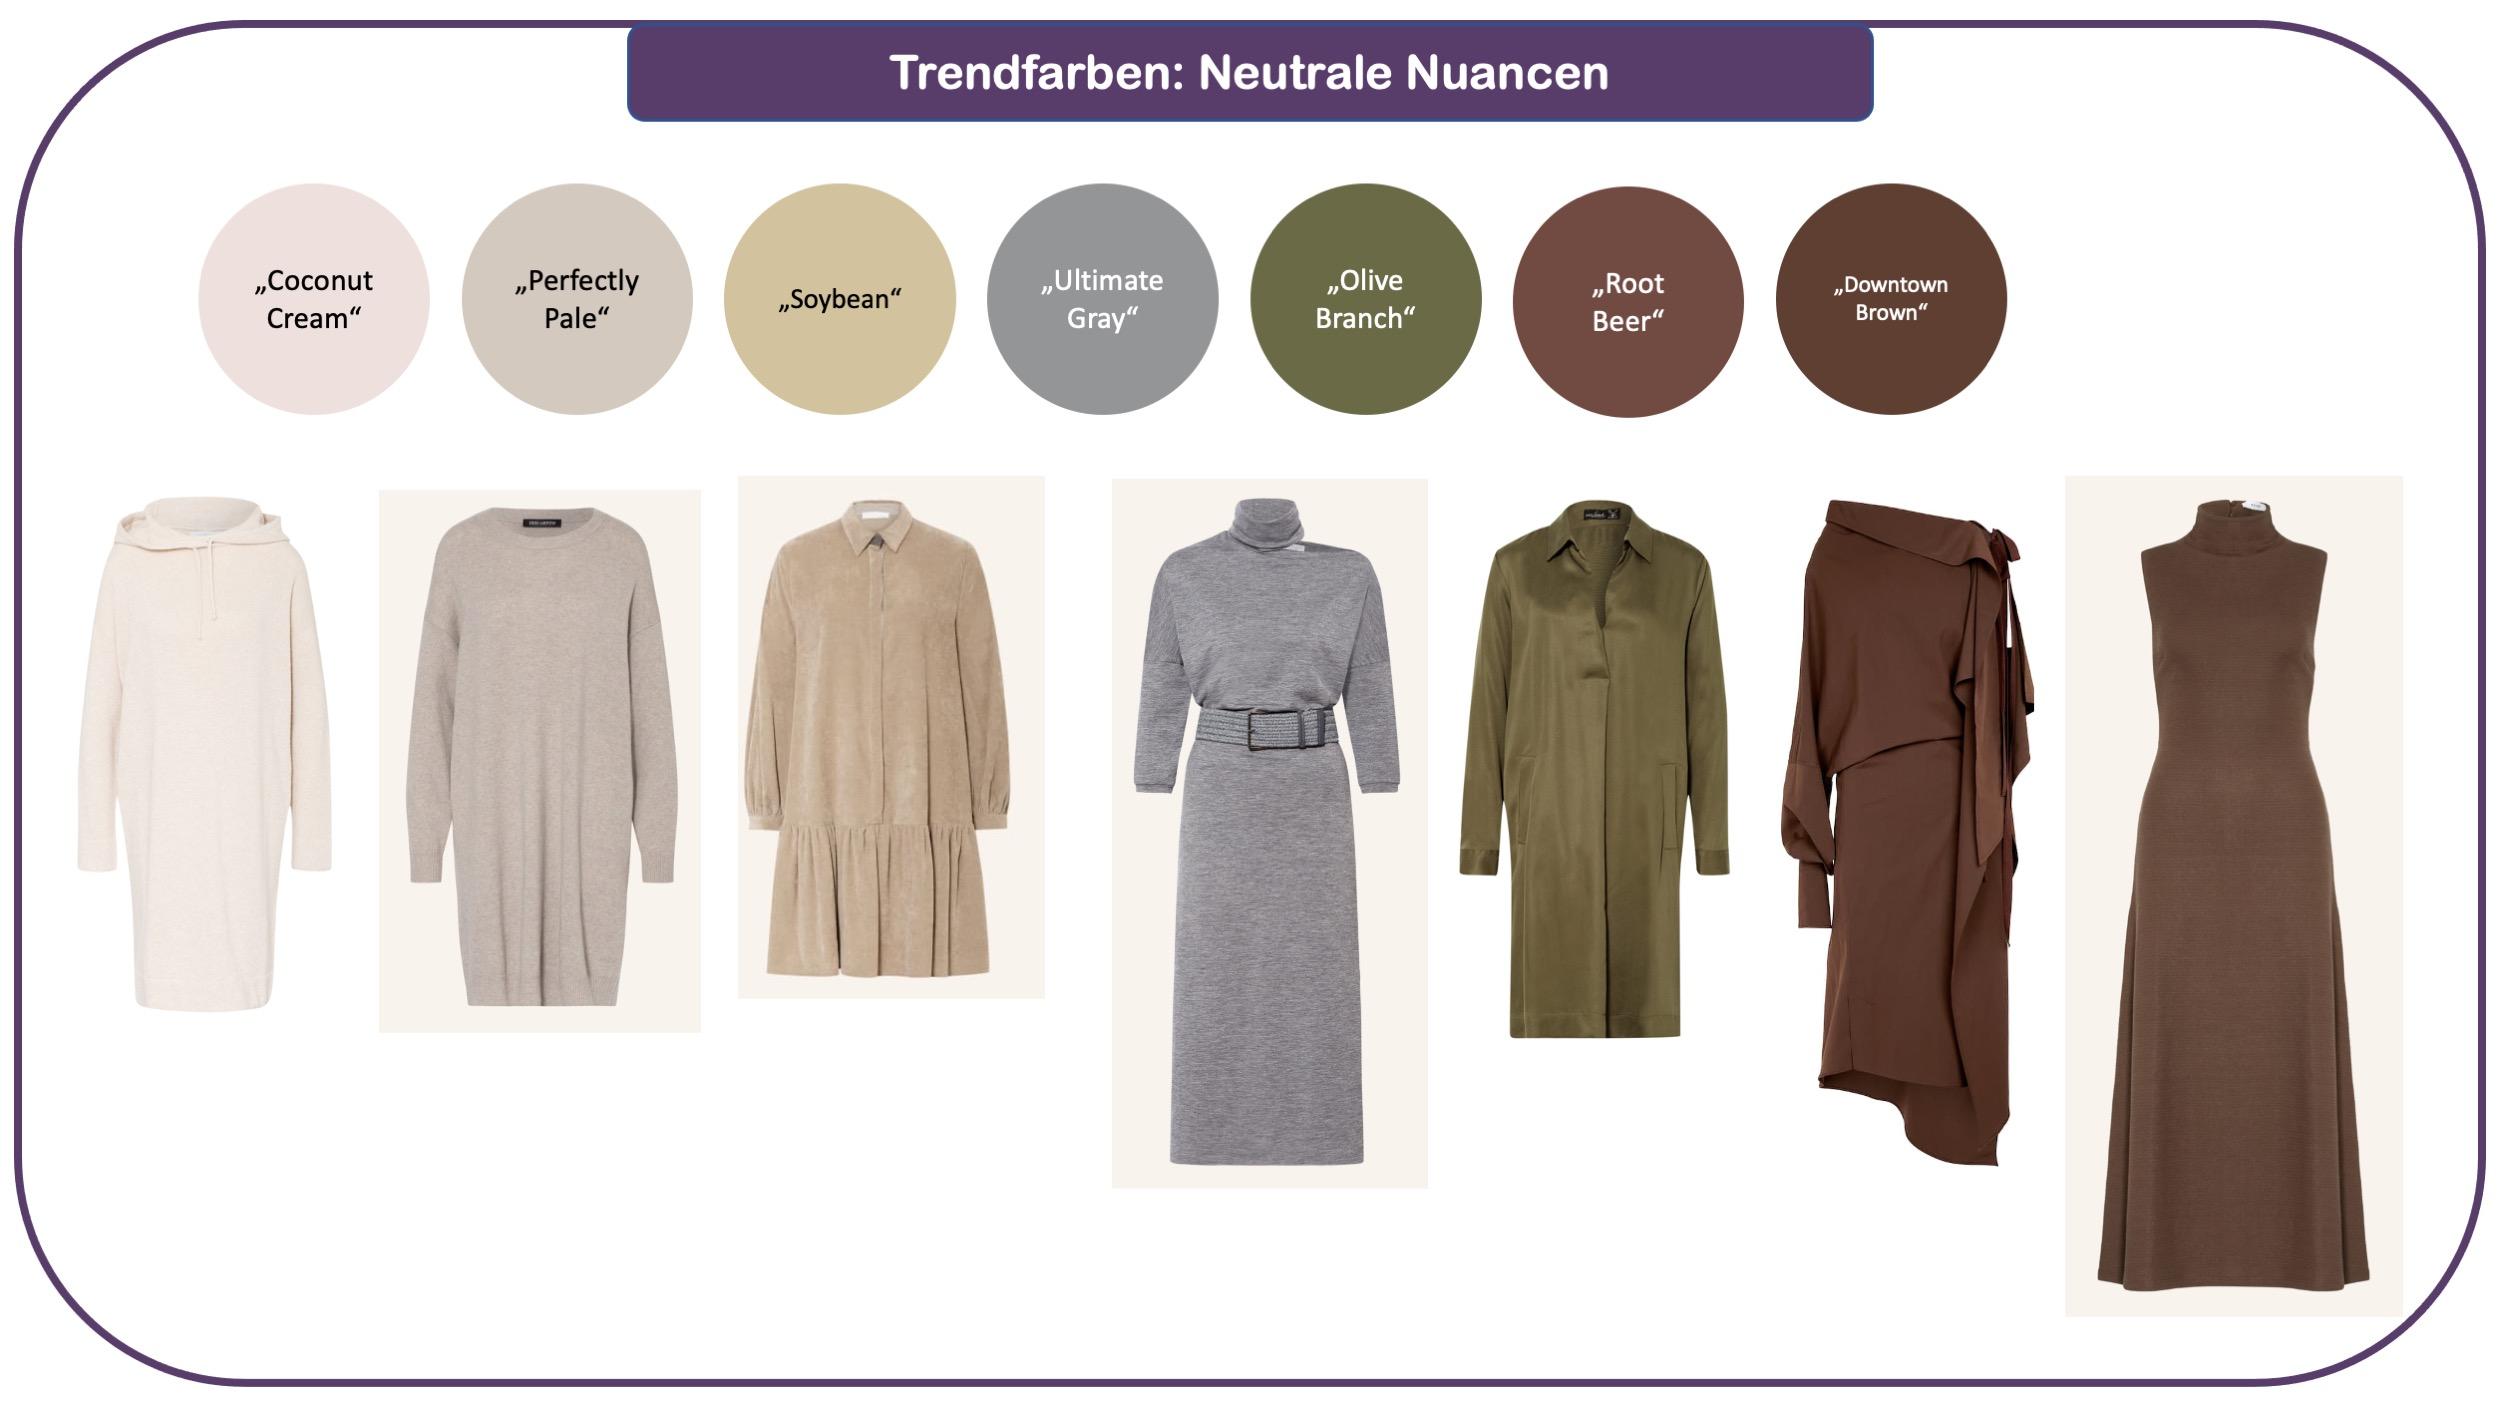 Trendfarben für Herbst und Winter 2021/22: neutrale farben, wie Off-White, Beige, Grau und Braun